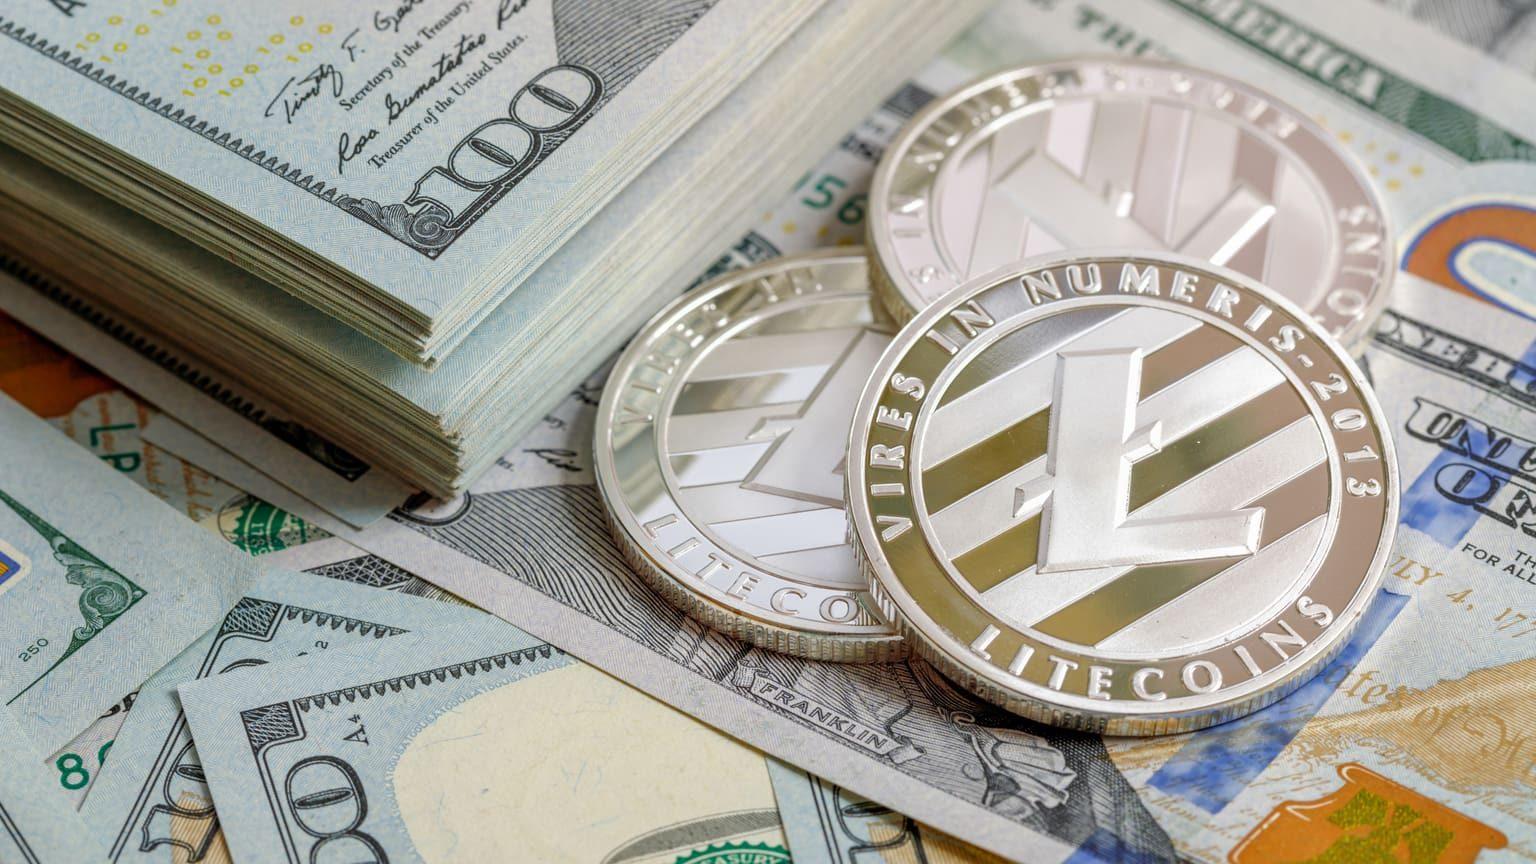 Litecoin on top of US dollars